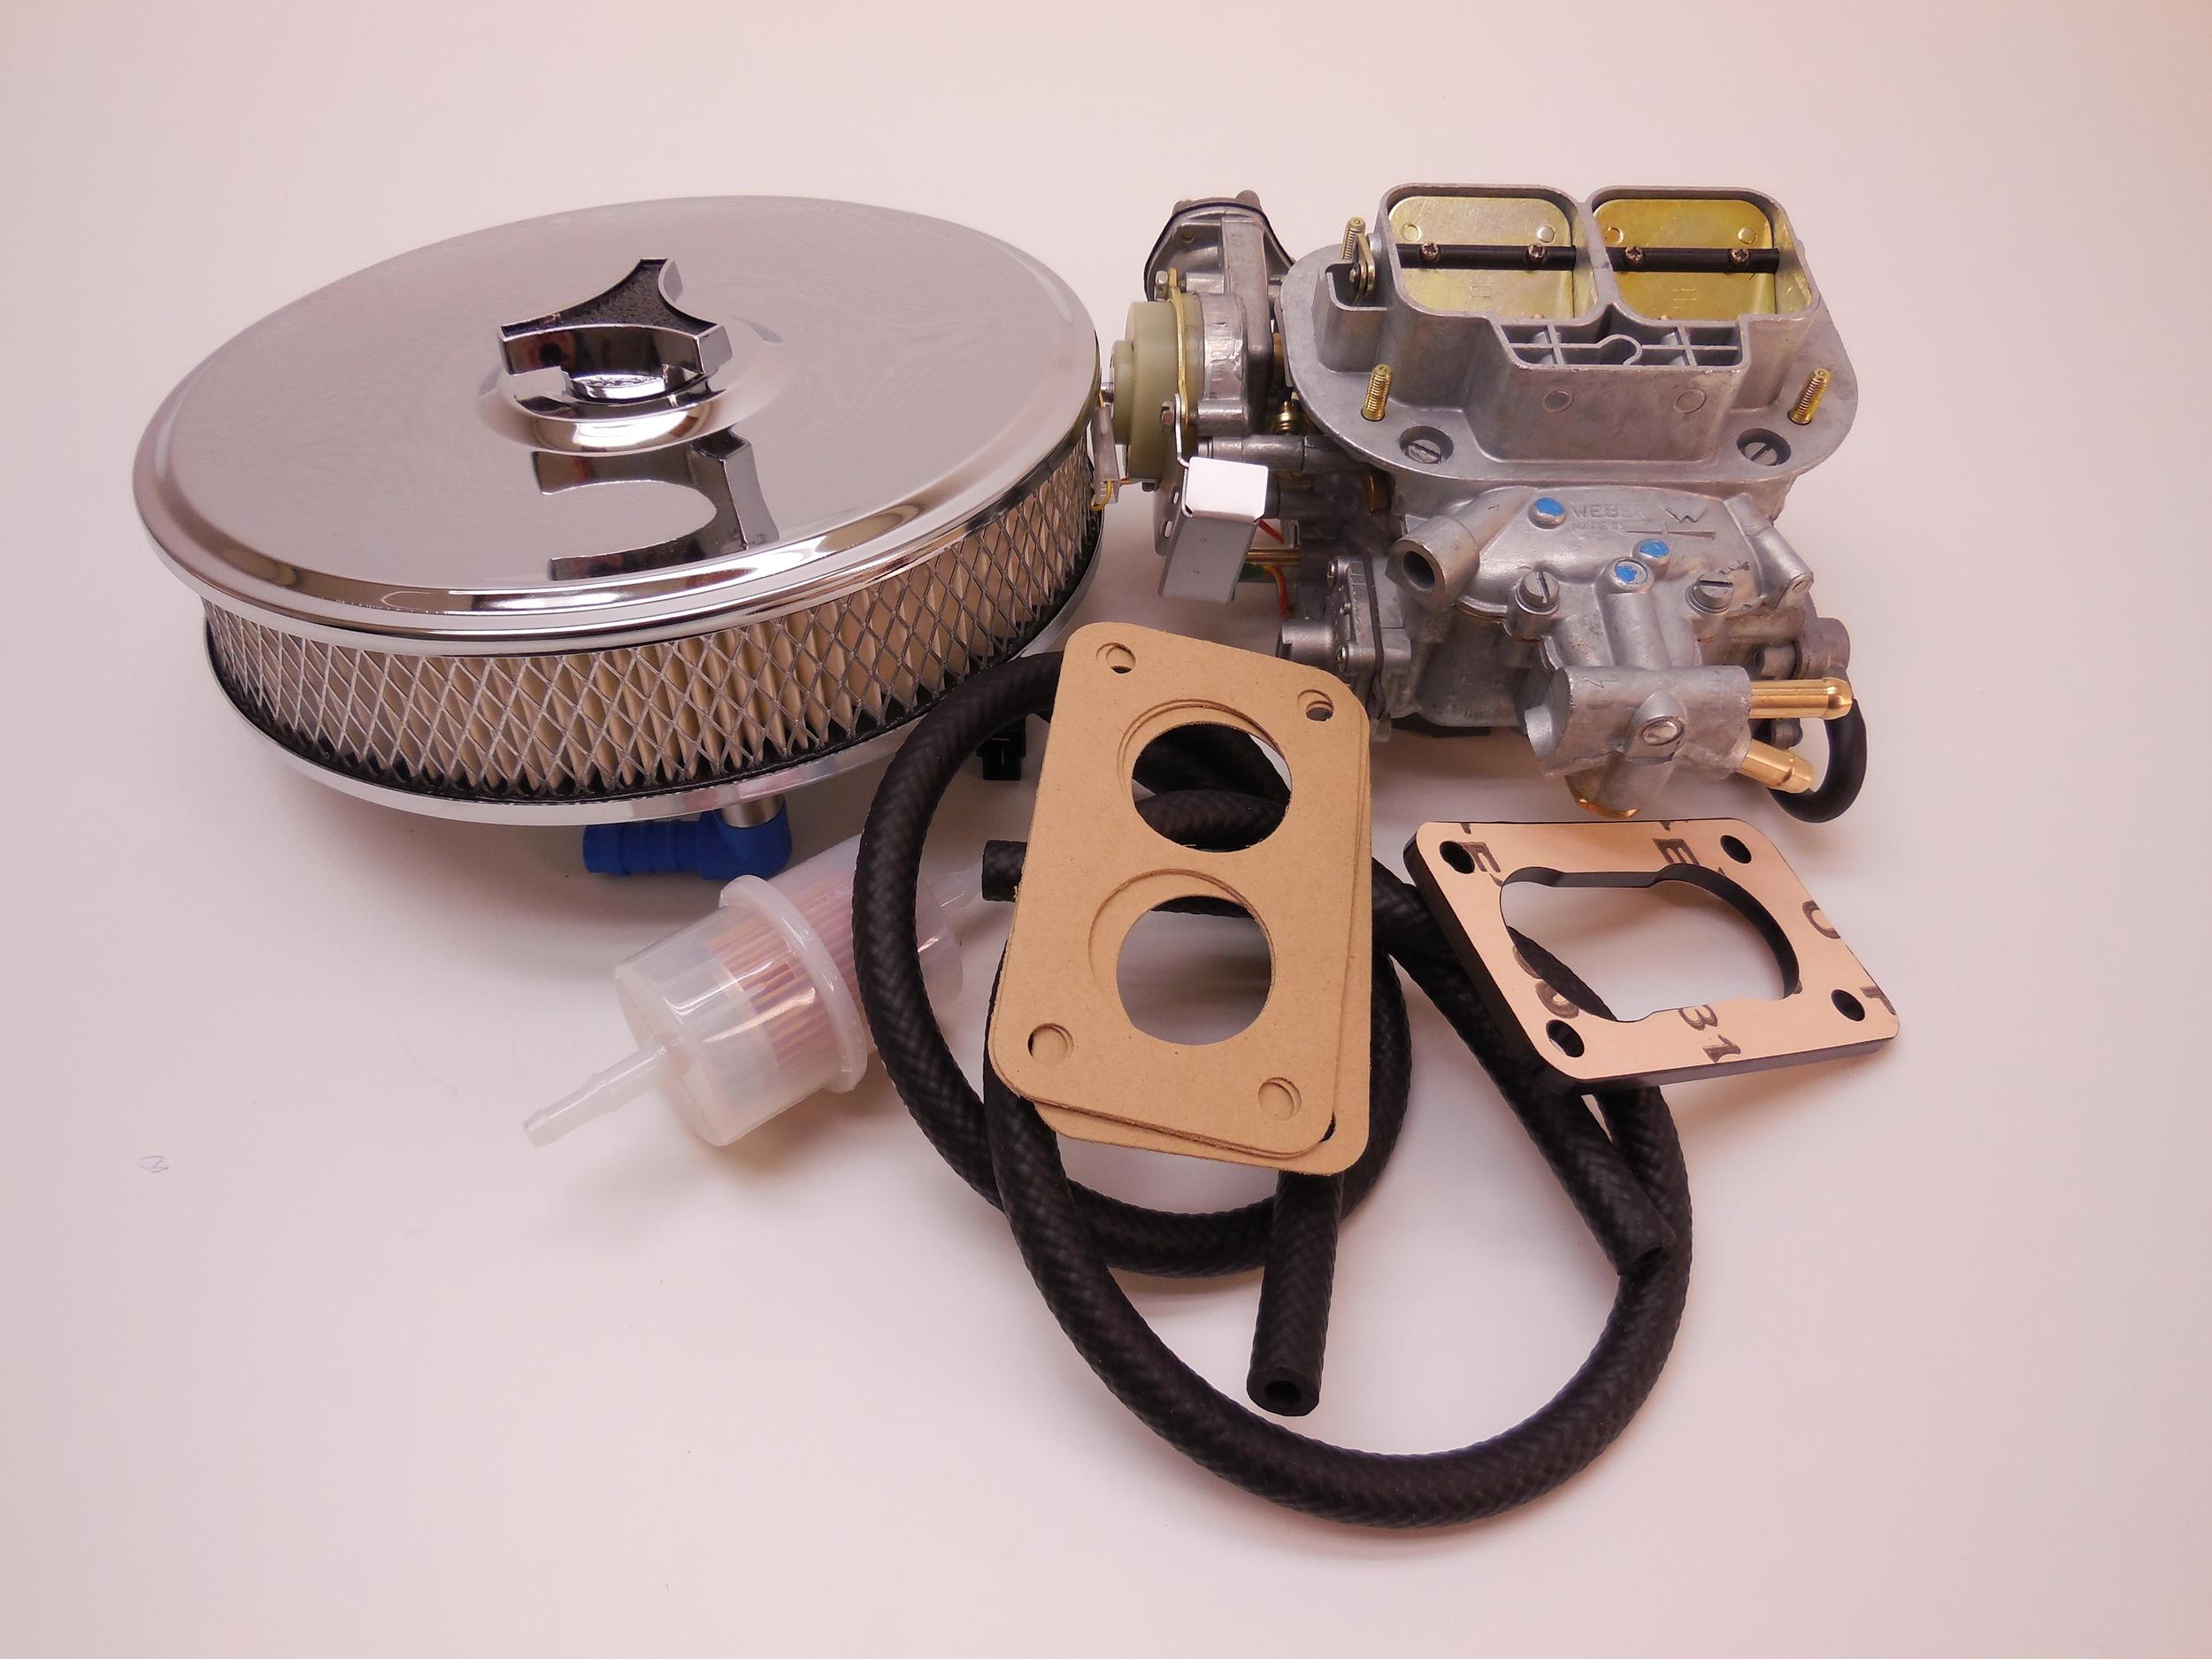 Replacement Carburetor price: 7200 sek